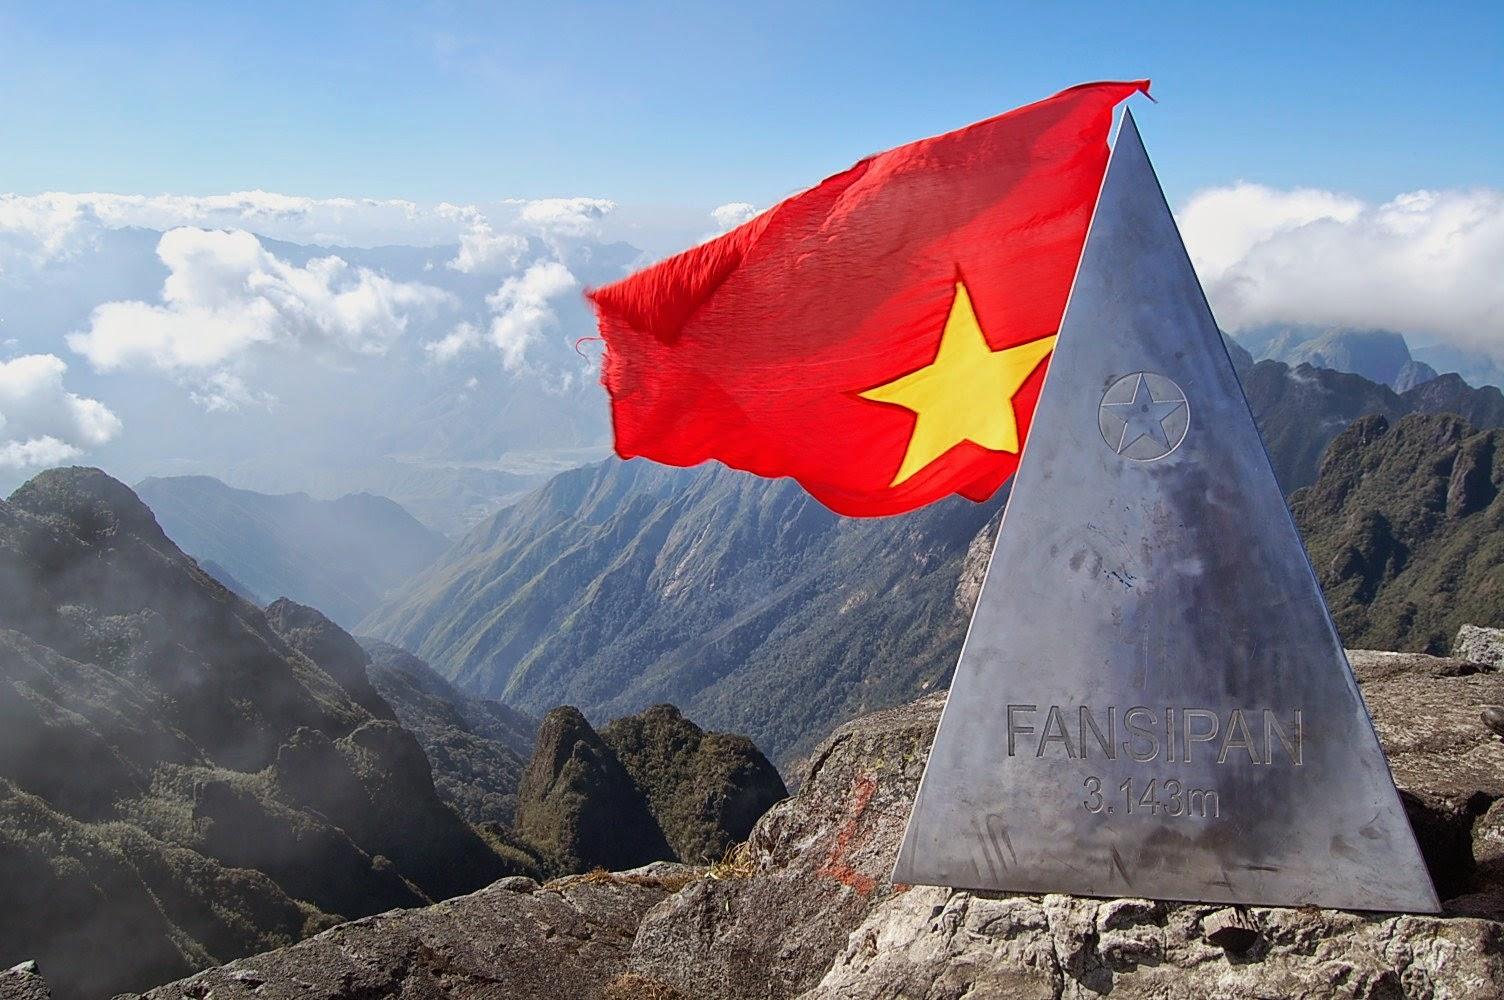 Điểm qua những cột mốc tiêu biểu của Việt Nam3